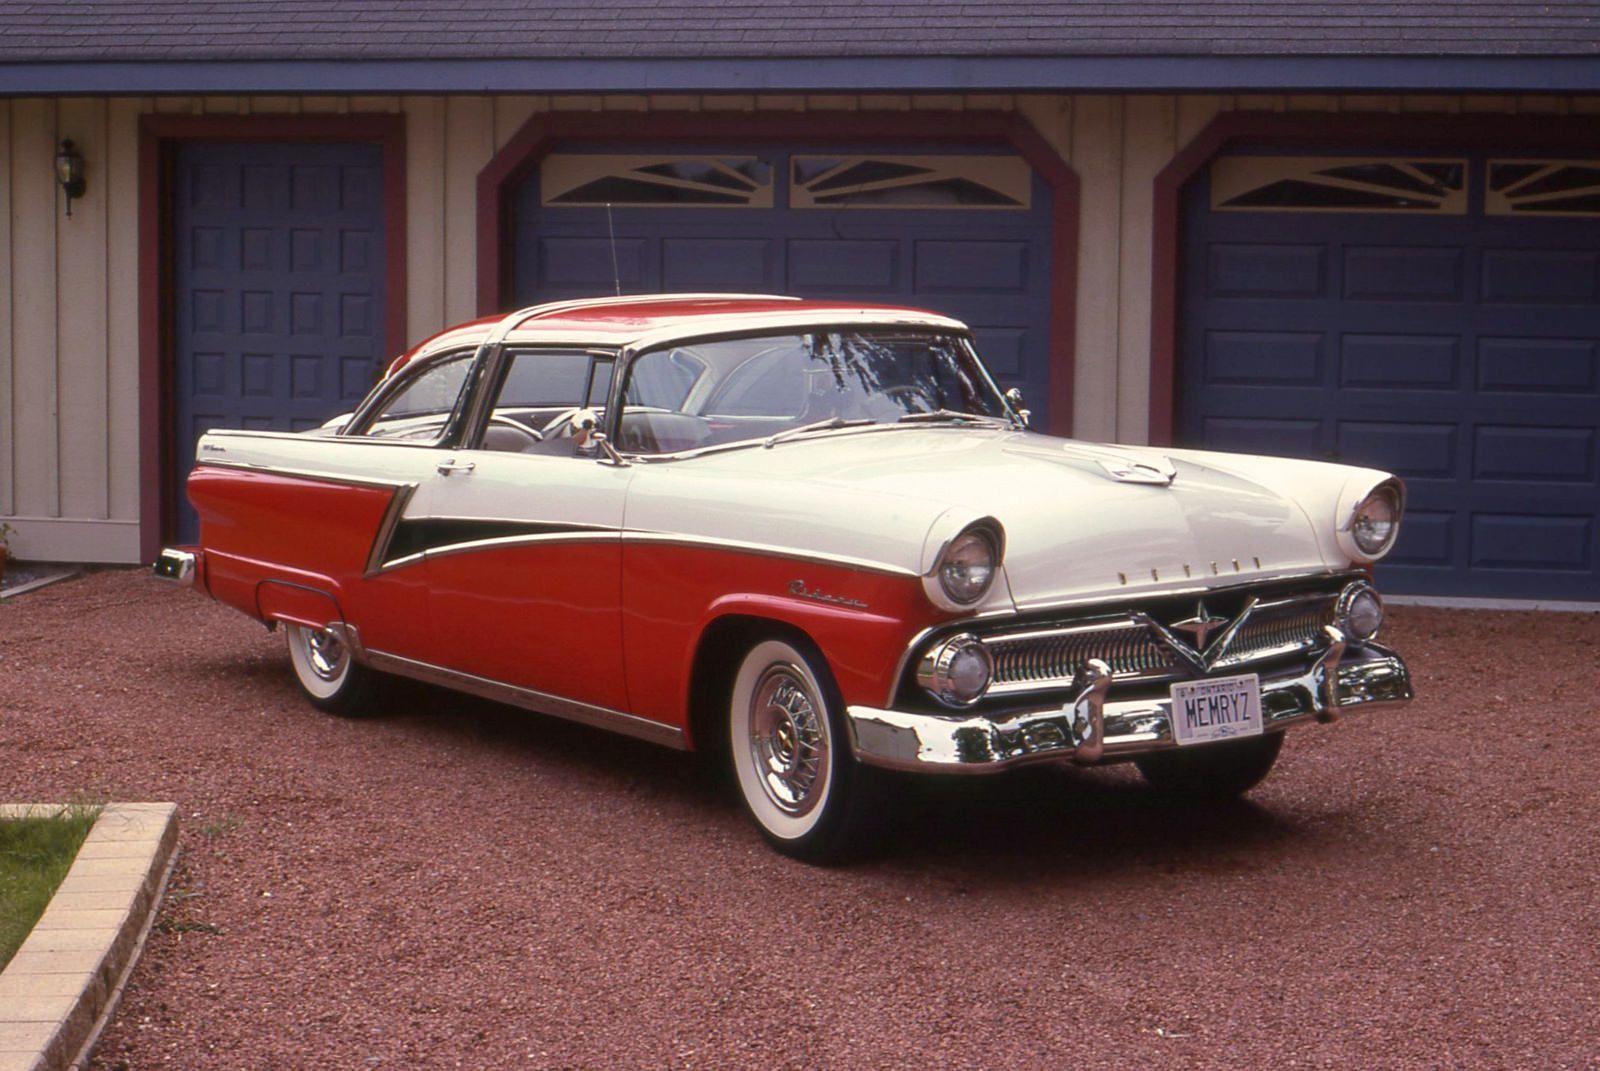 1955 Meteor Rideau Crown Victoria 2 door / Canadian